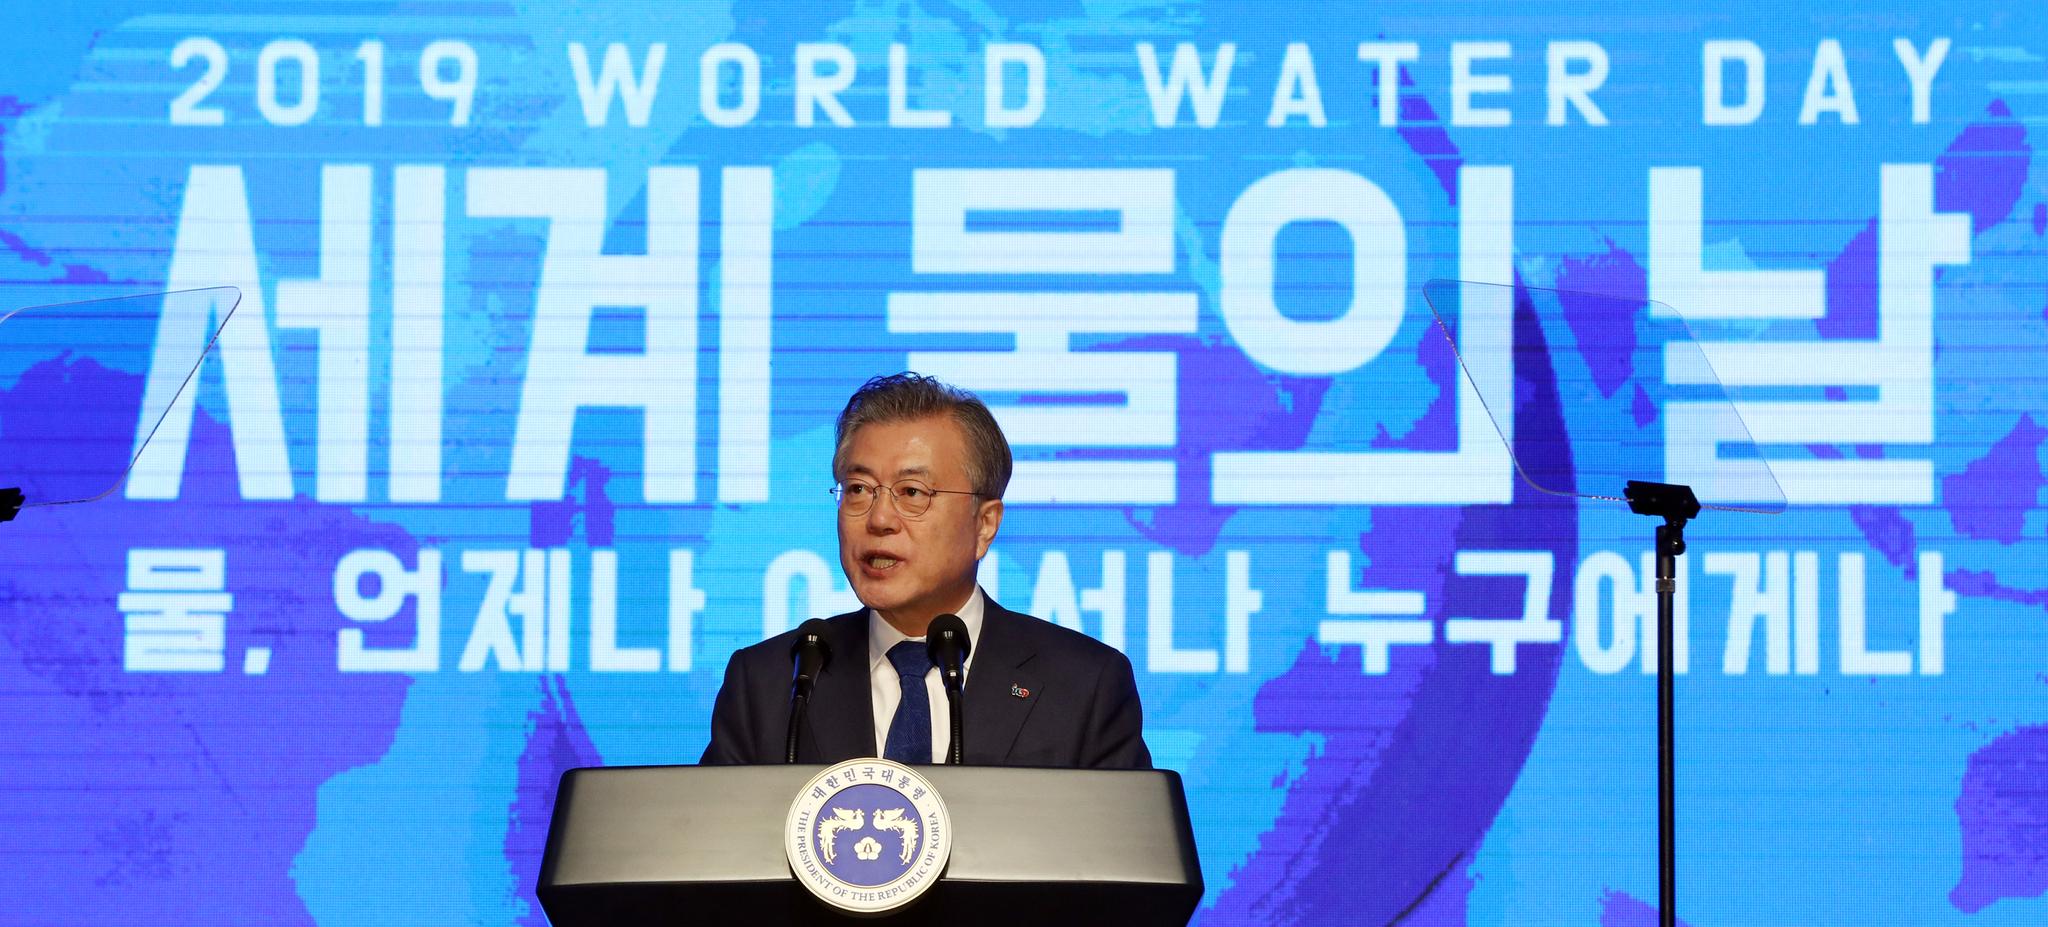 문재인 대통령이 22일 오후 물의 날 행사가 열린 대구 엑스코에서 기념사를 하고 있다. [연합뉴스]